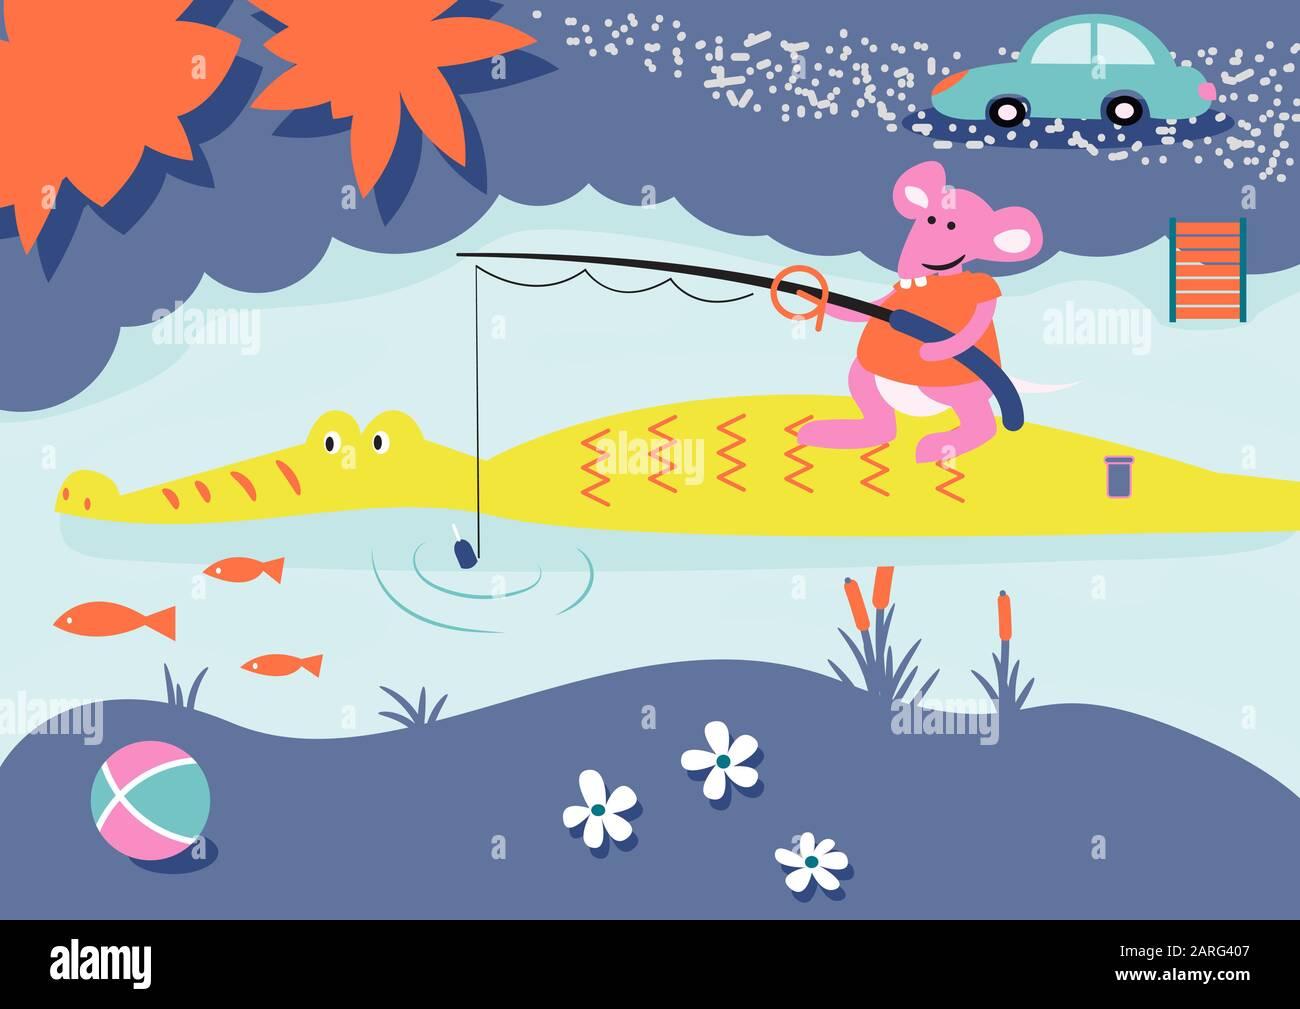 Illustration Du Livre Enfant De Peche De Dessin Anime Souris Et Alligator Sur Une Riviere Image Vectorielle Stock Alamy